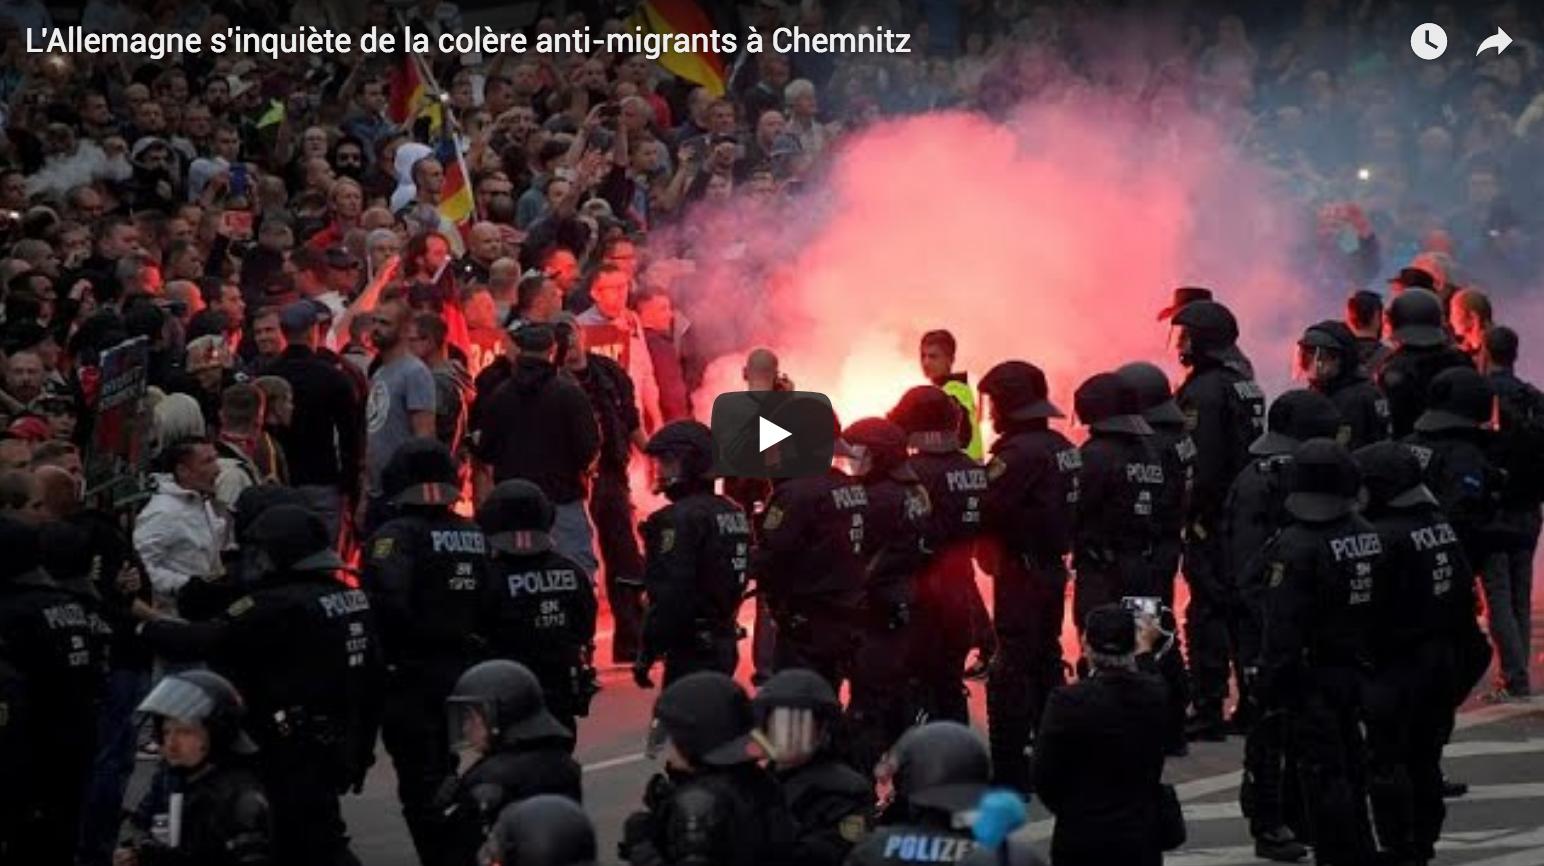 L'Allemagne s'inquiète de la colère anti-migrants à Chemnitz